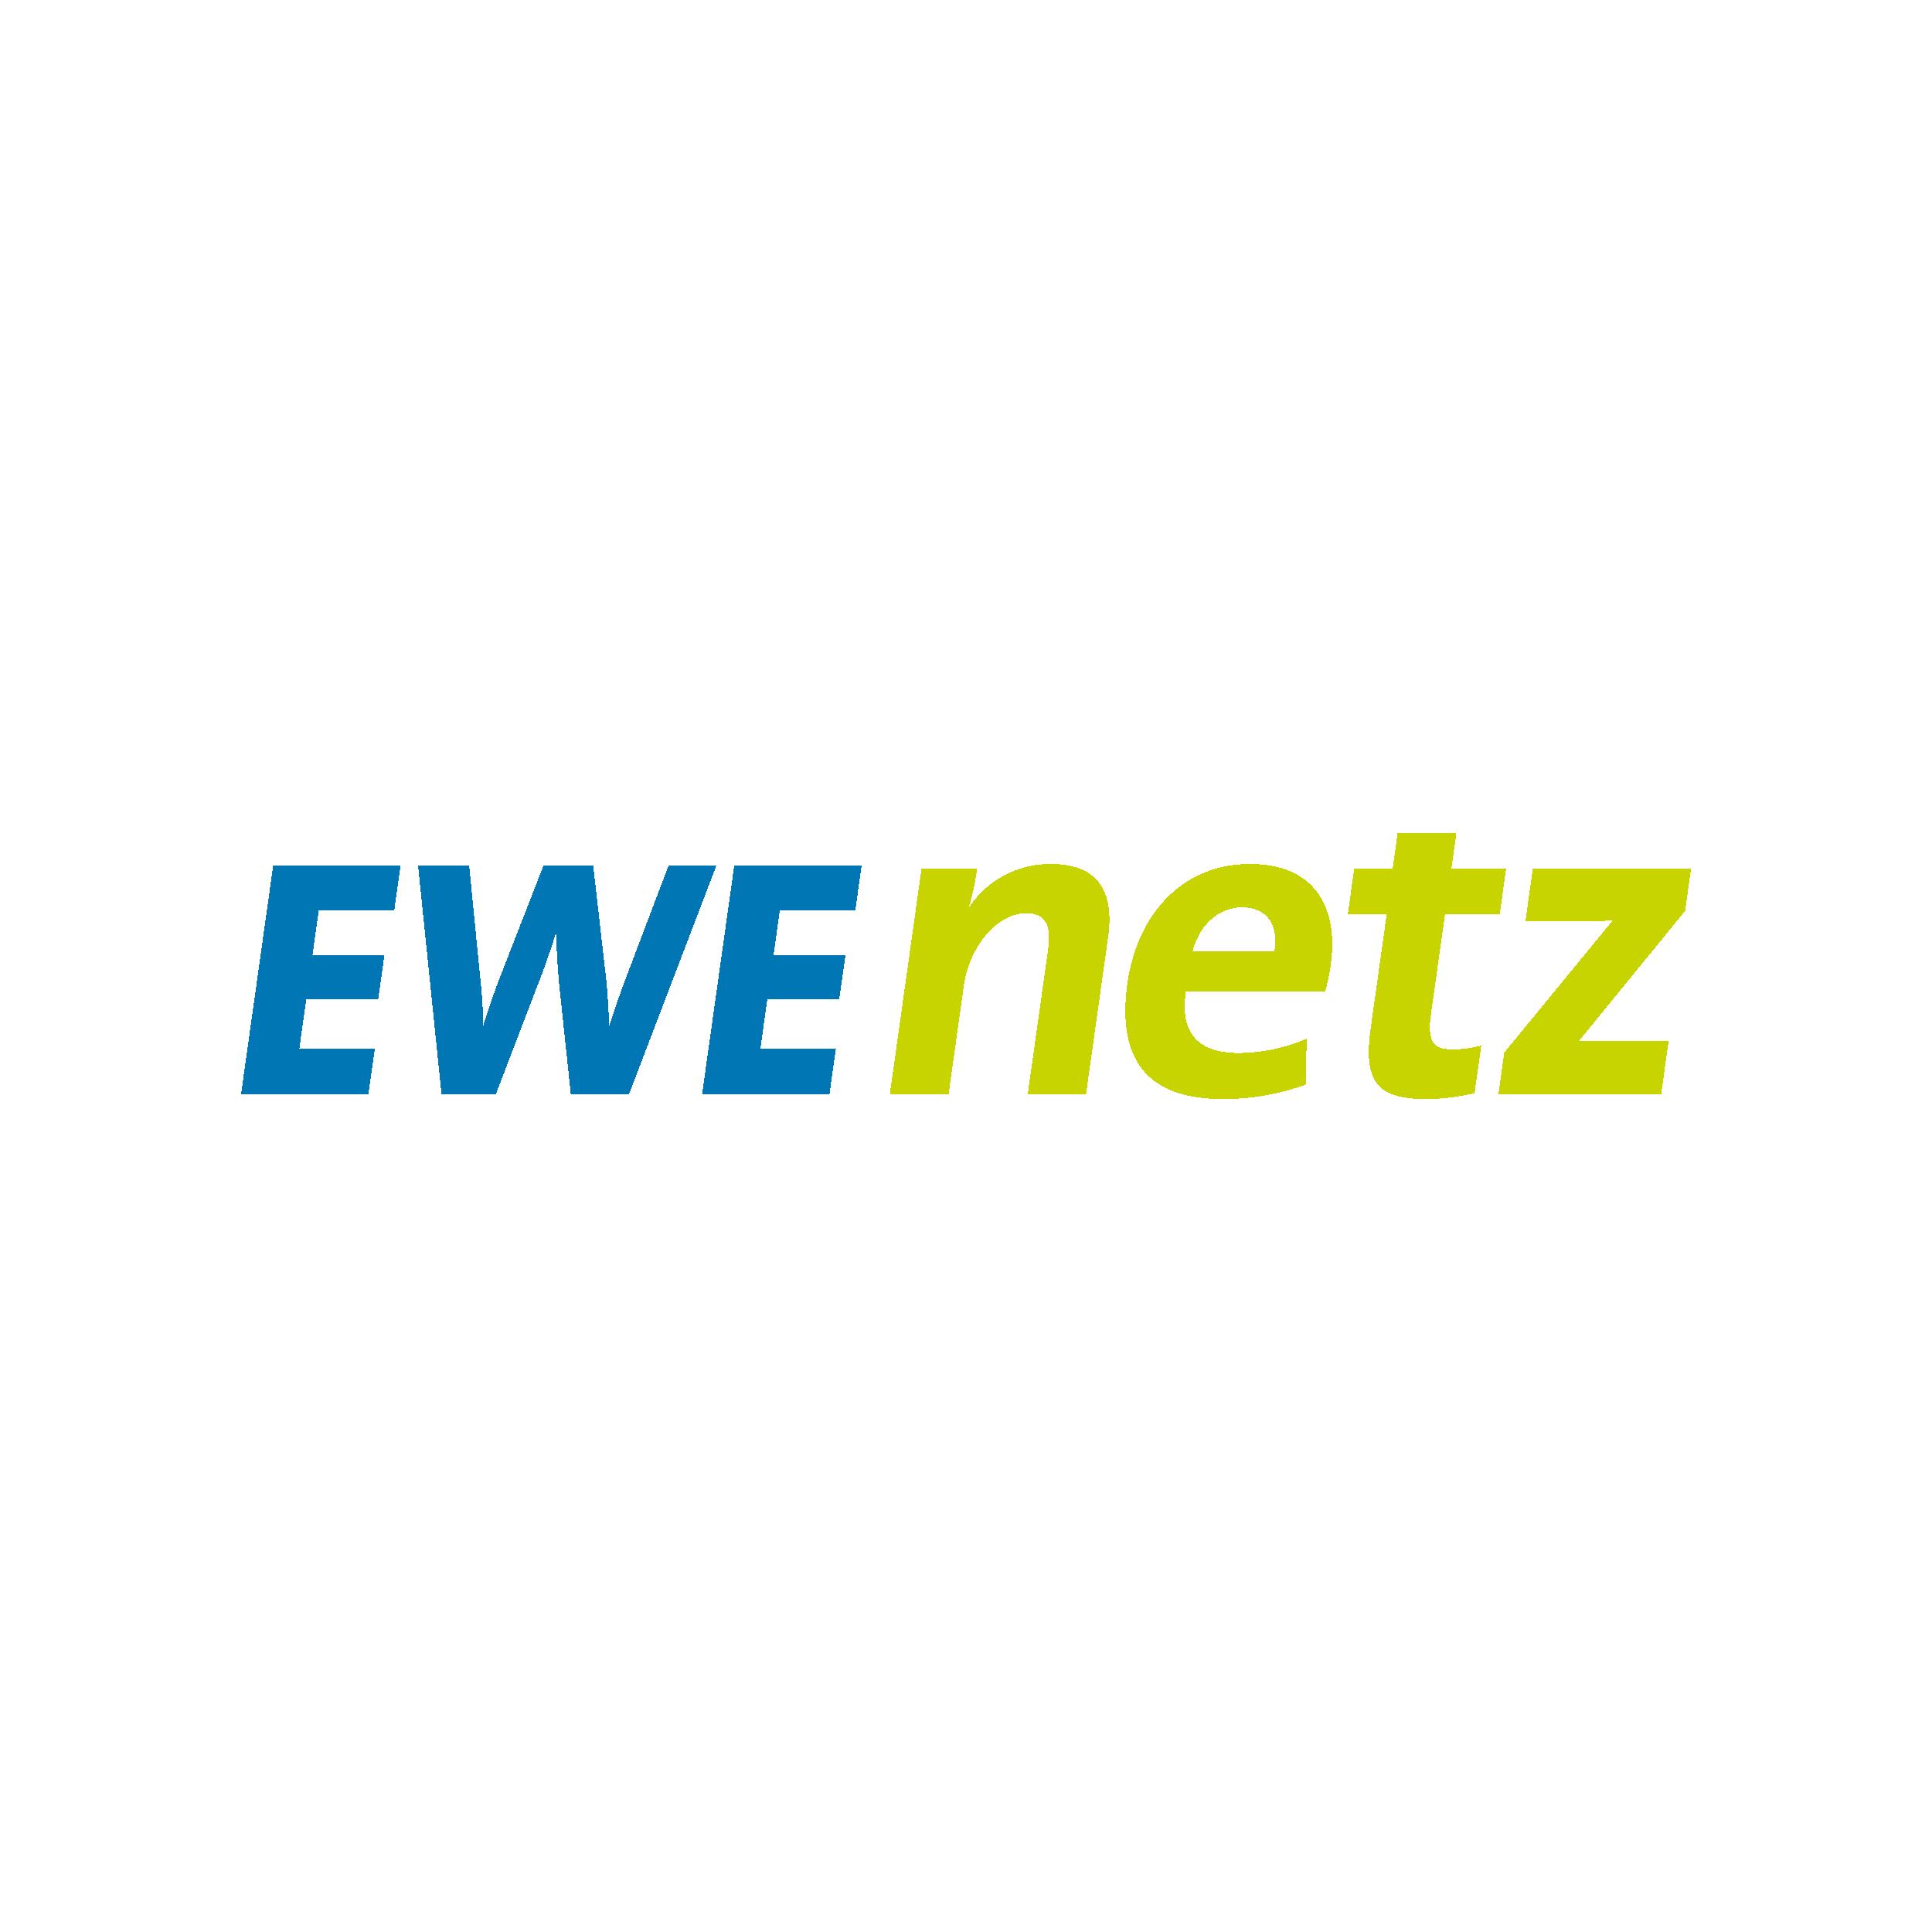 EWEnetz